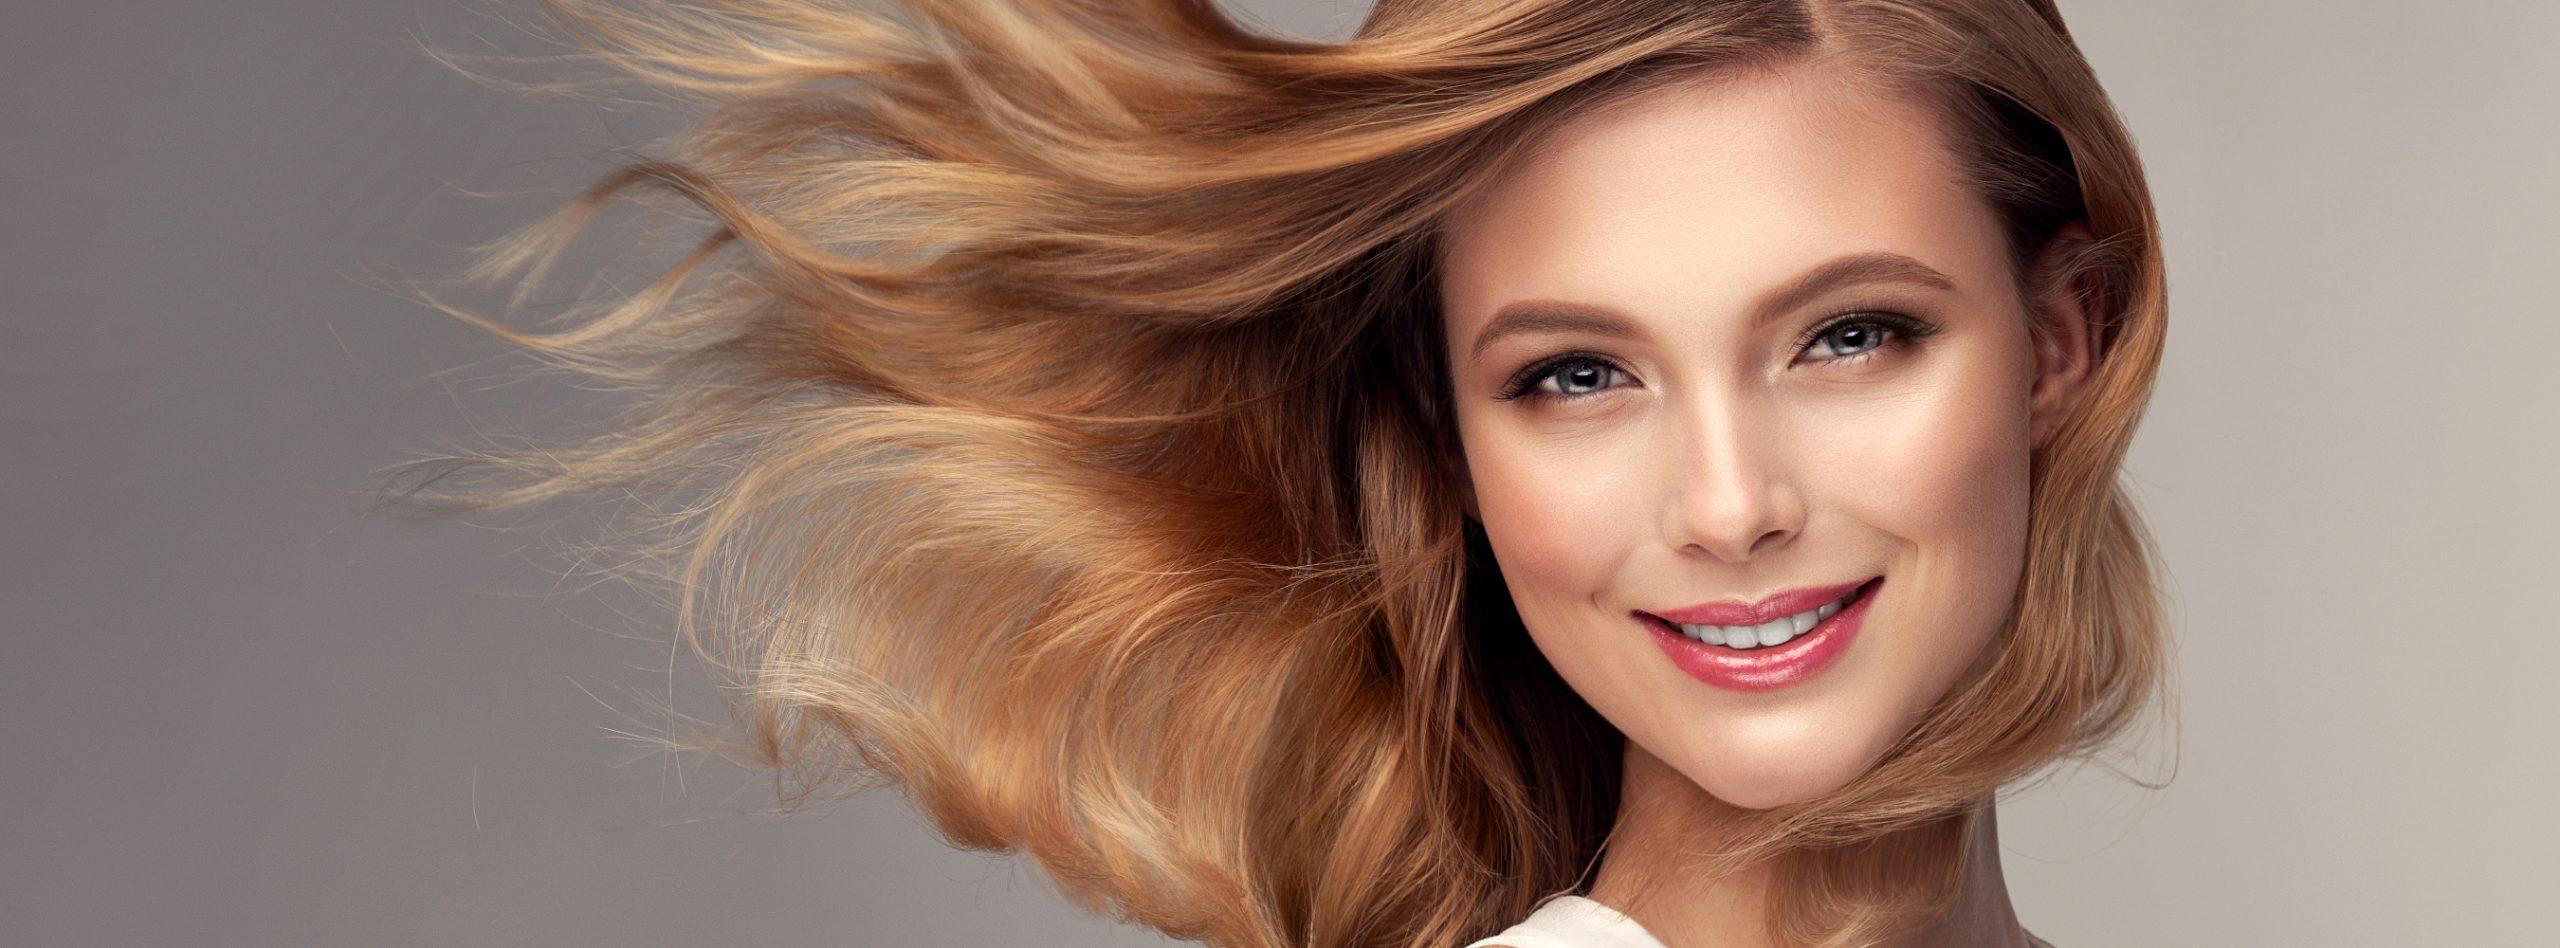 Lächelnde Frau mit wehenden blonden Haaren